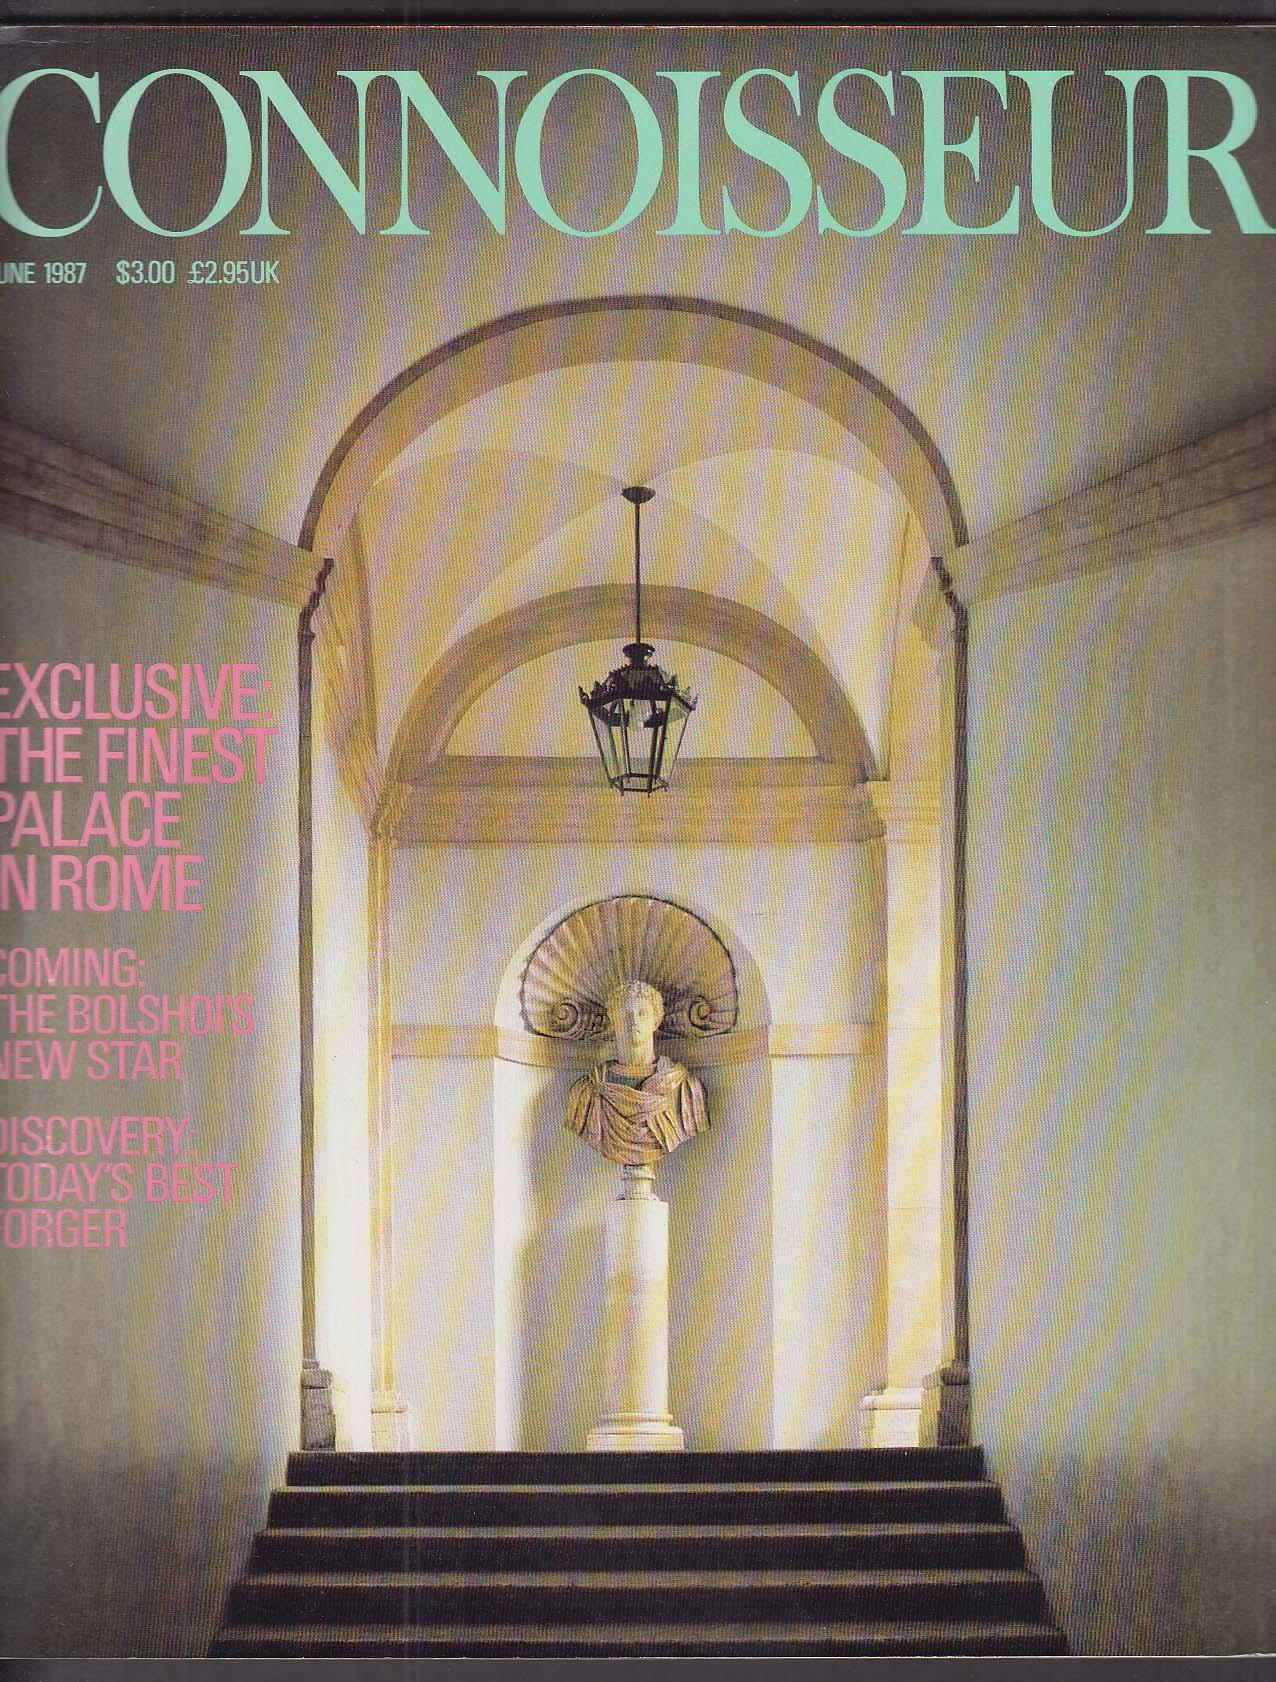 Image for CONNOISSEUR Mukhamedov of the Bolshoi Calvin & Hobbes 6 1987